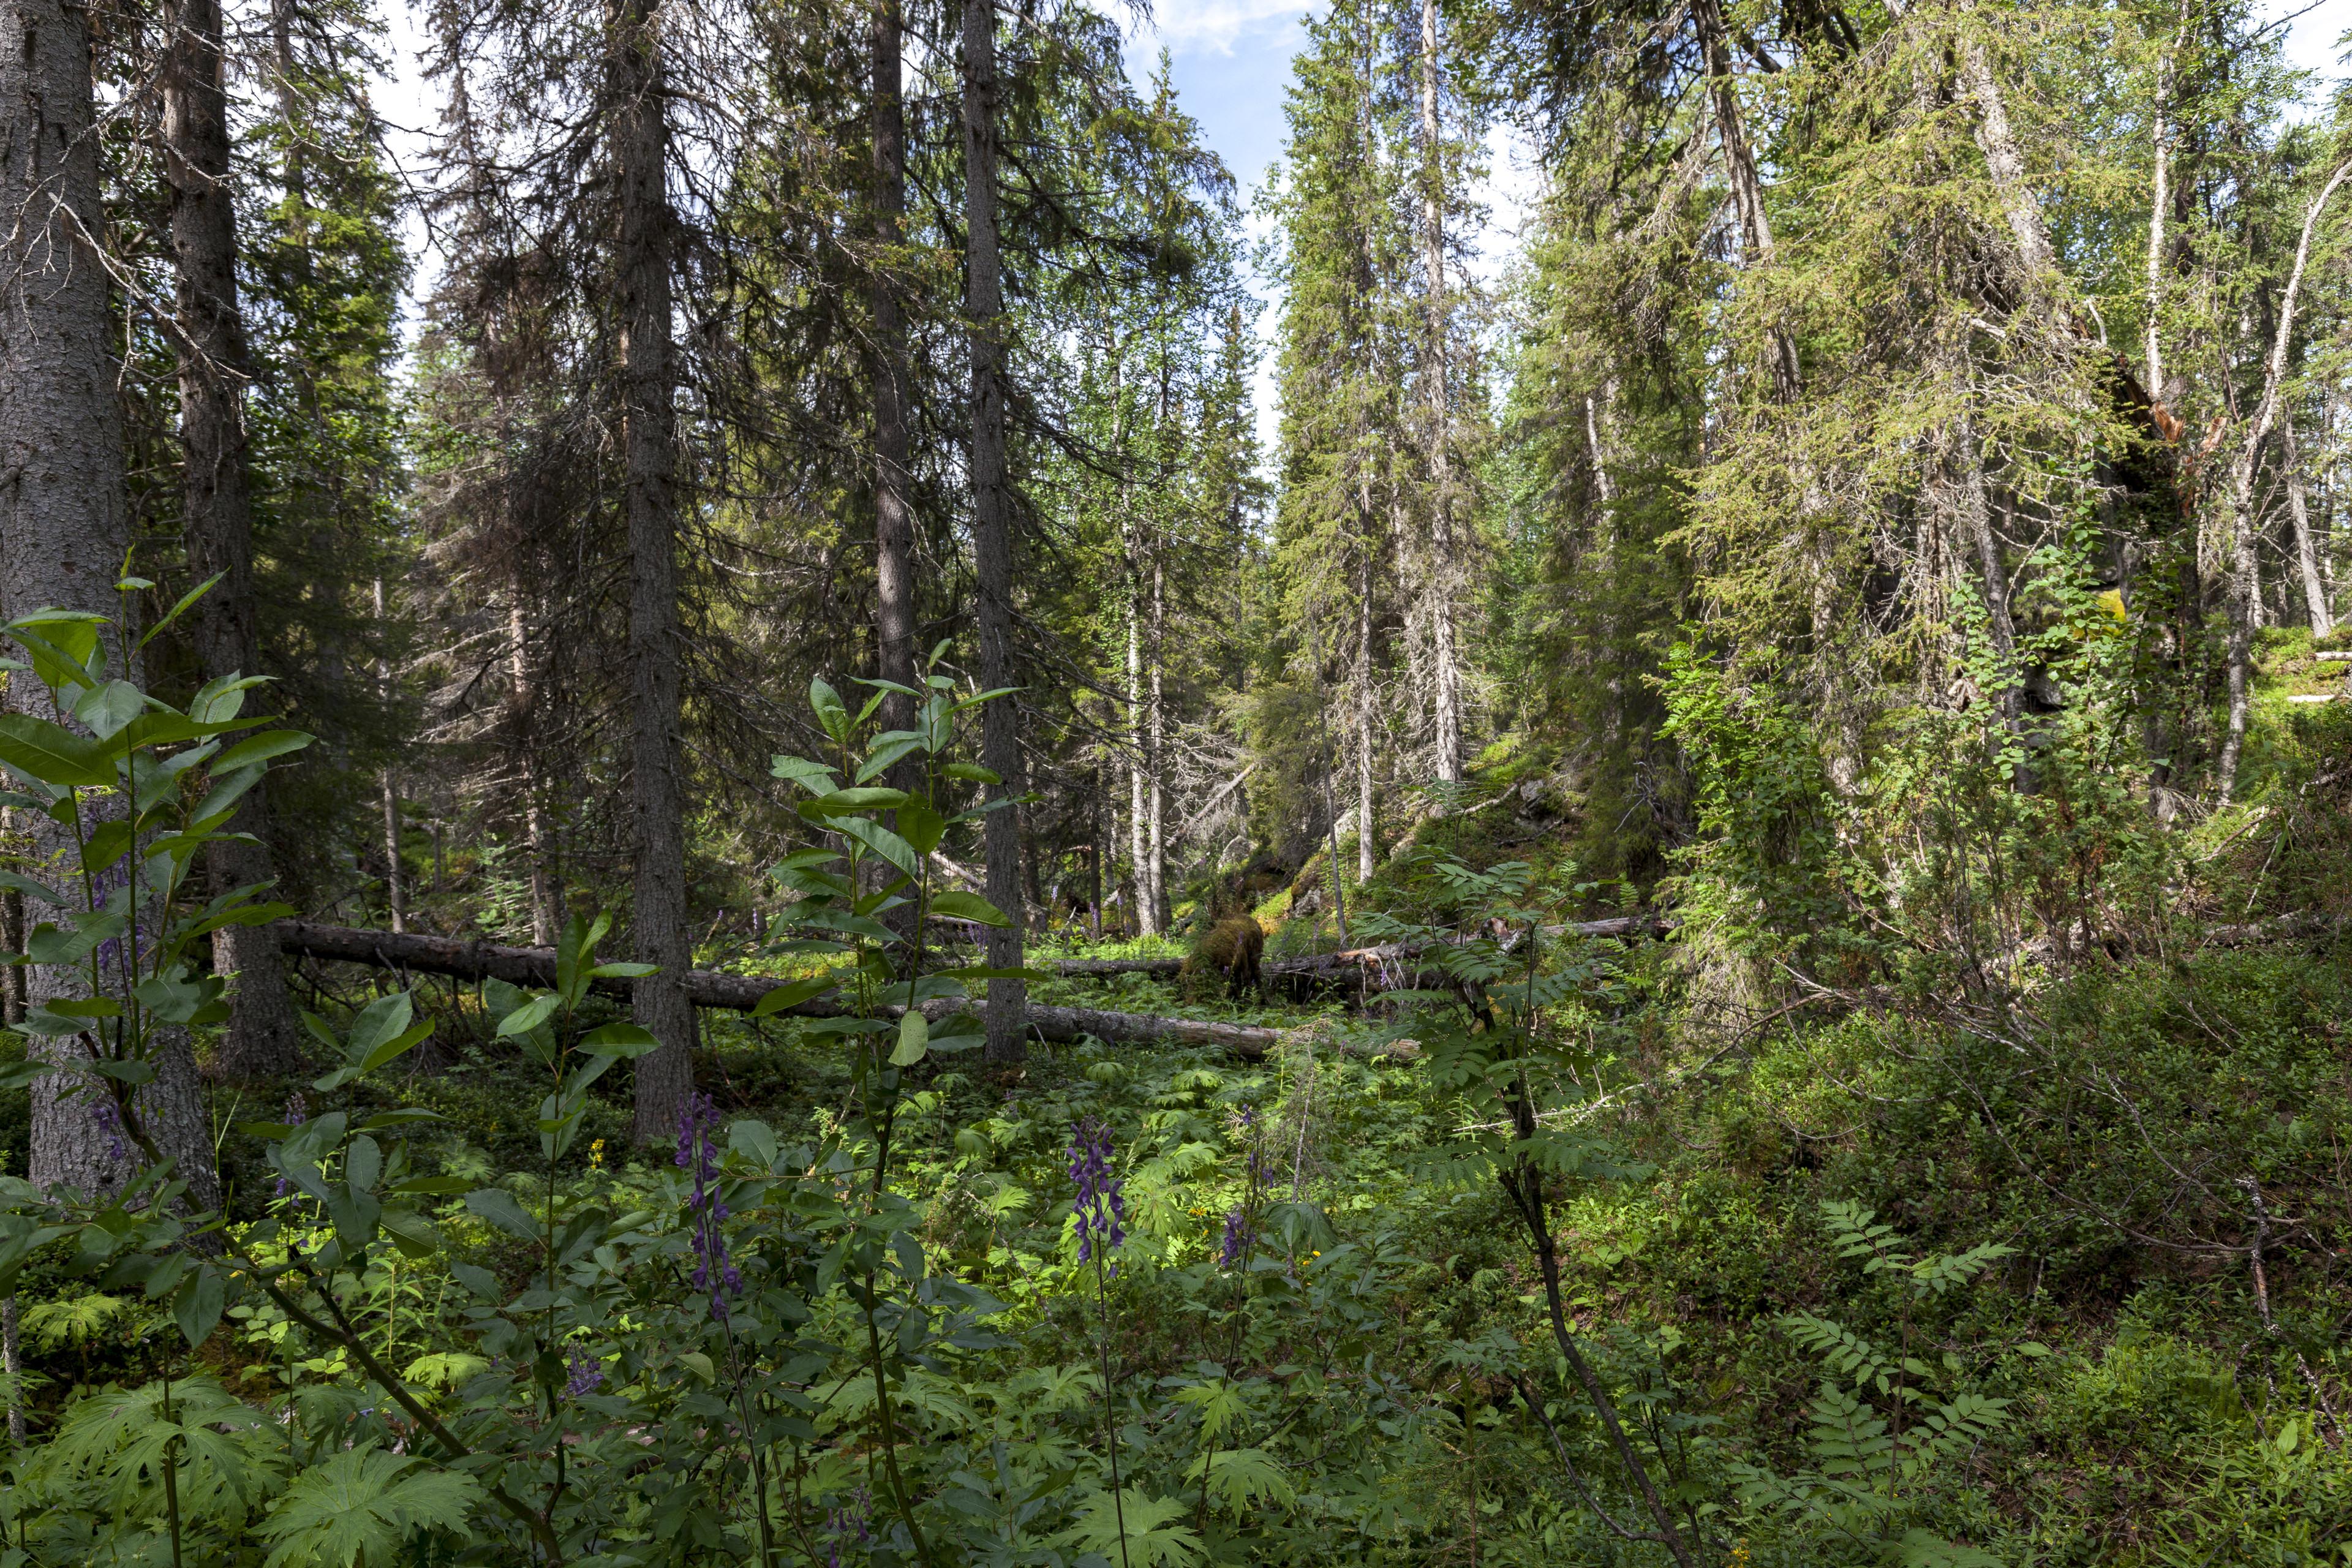 (Ur)Wald,©Markus Proske—Canon EOS 5D Mark II, EF16-35mm f/4L IS USM, 24mm, 1/100s, Blende 8, ISO 400